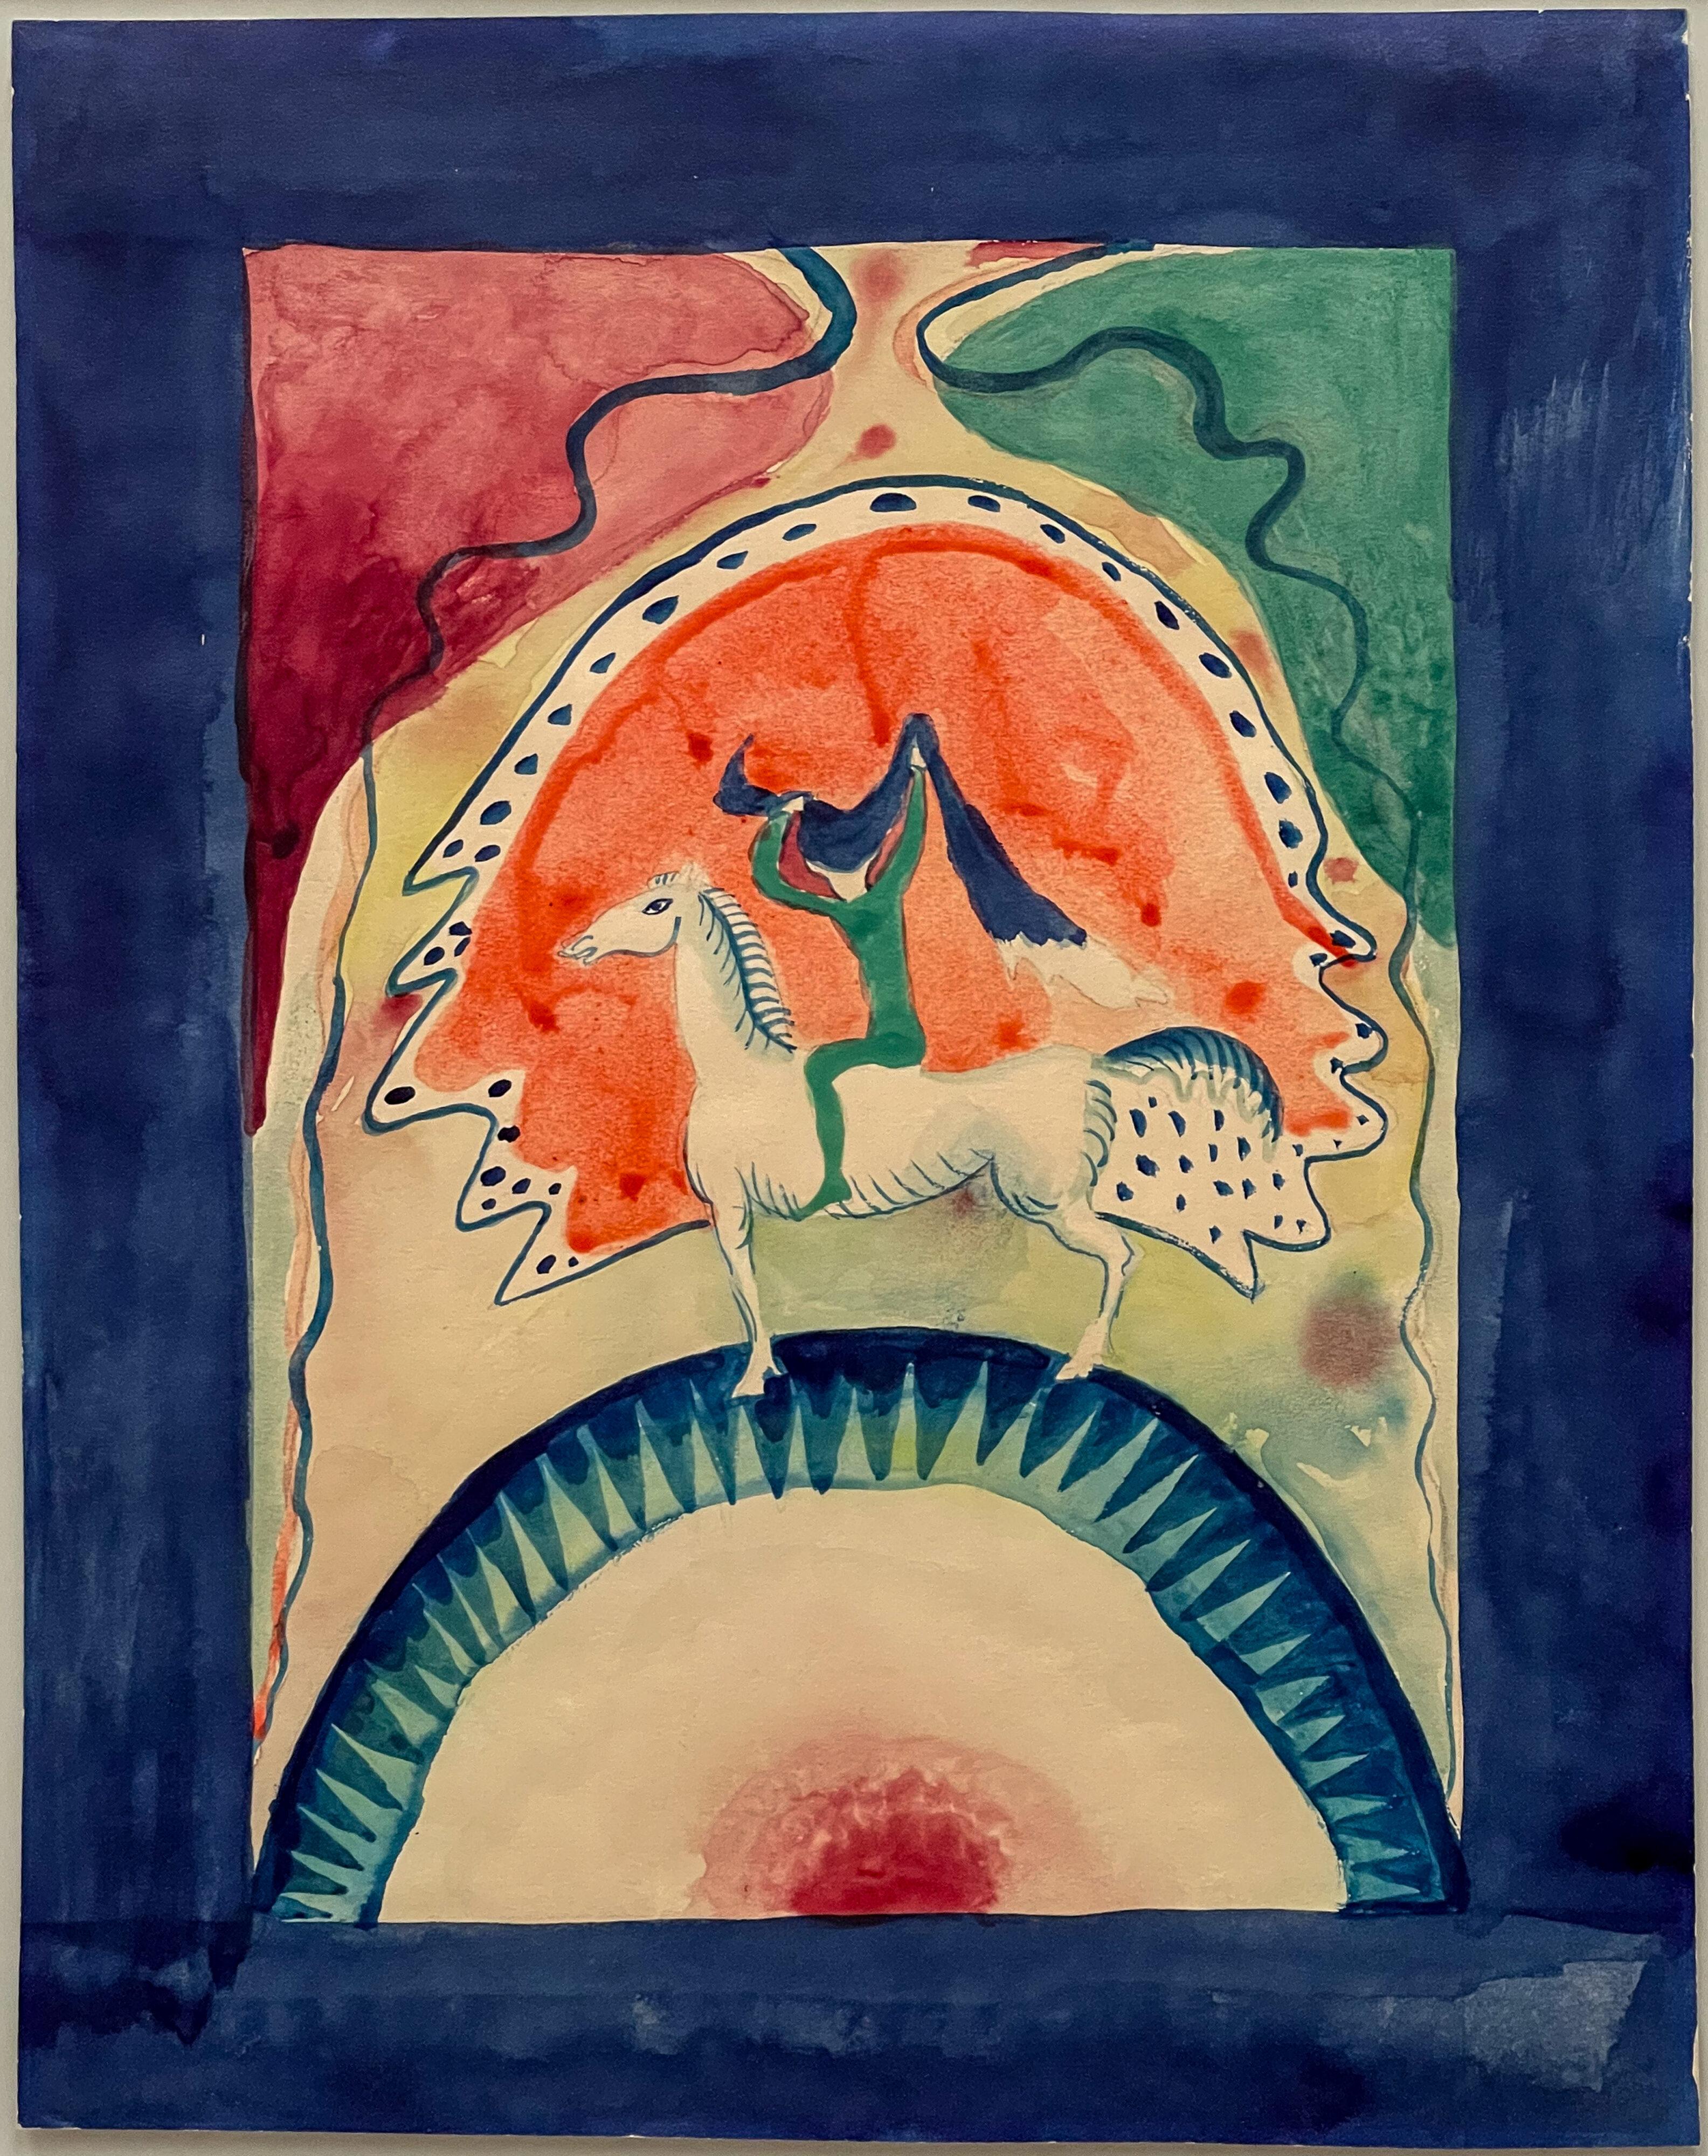 Blaues Land und Blauer Reiter, W. Kandinsky, Entwurf für den Almanach, 1911